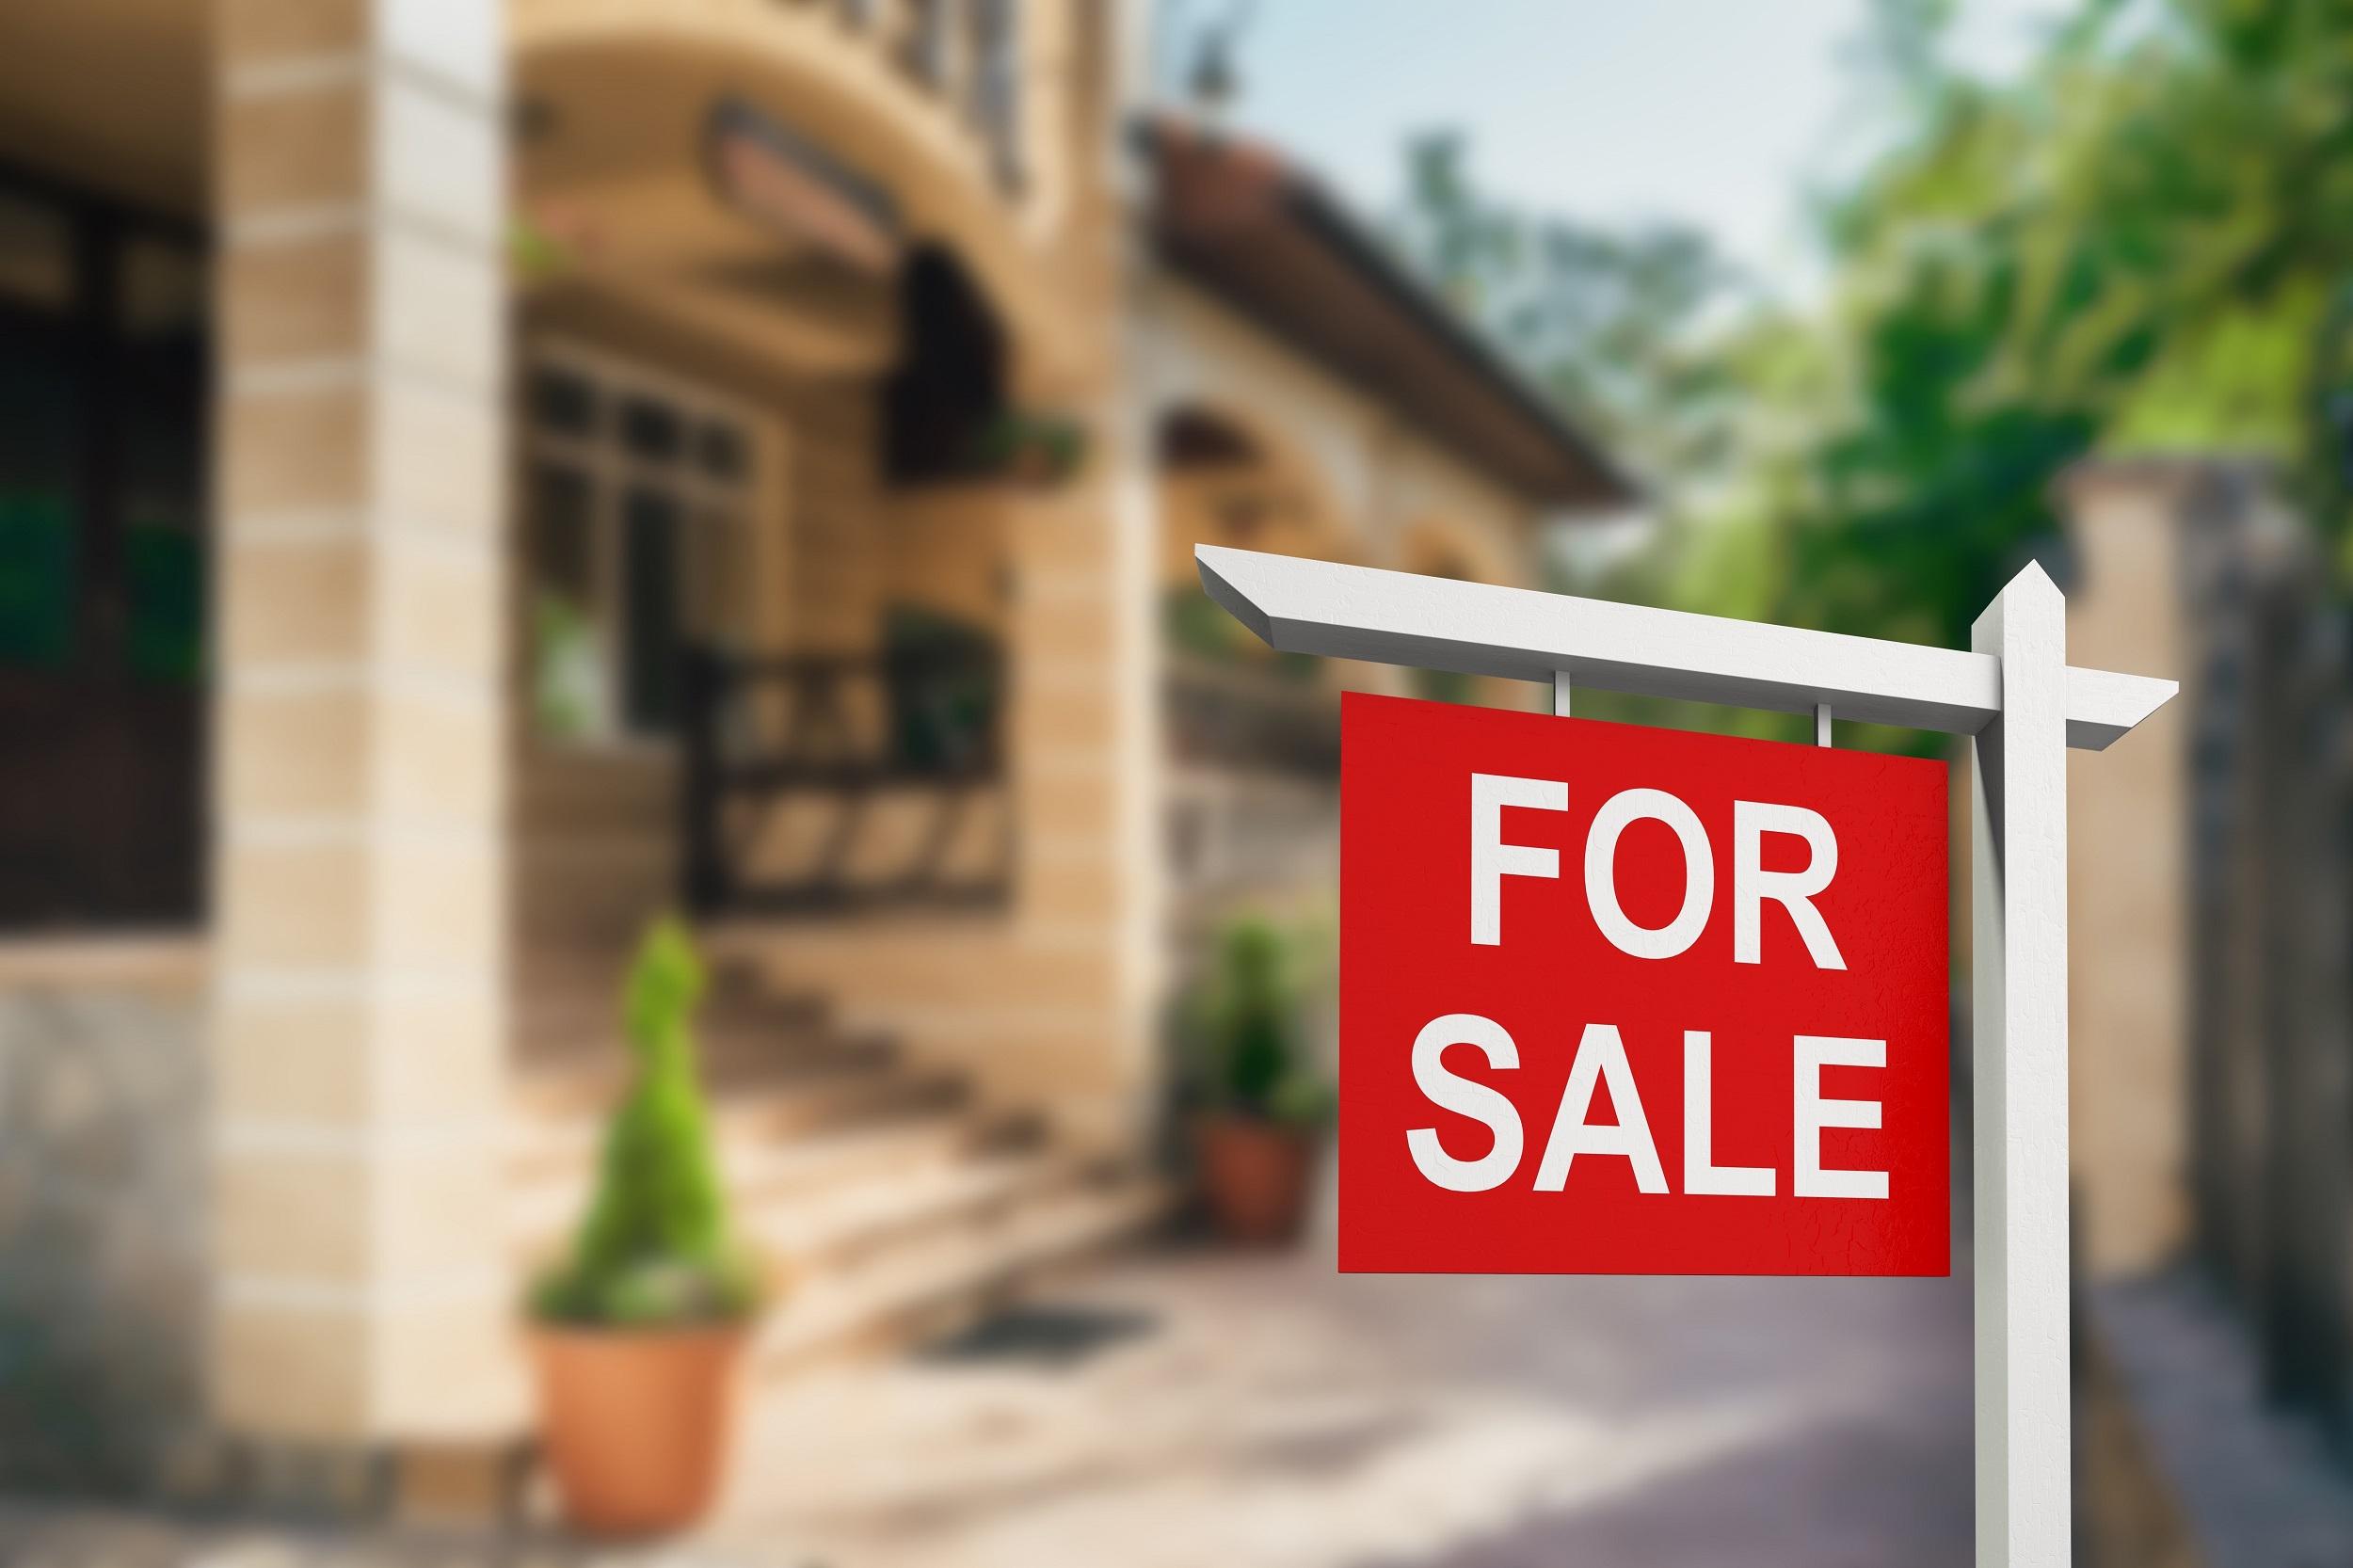 Prodej nemovitosti: Tipy pro vlastníky, kteří chtějí prodat